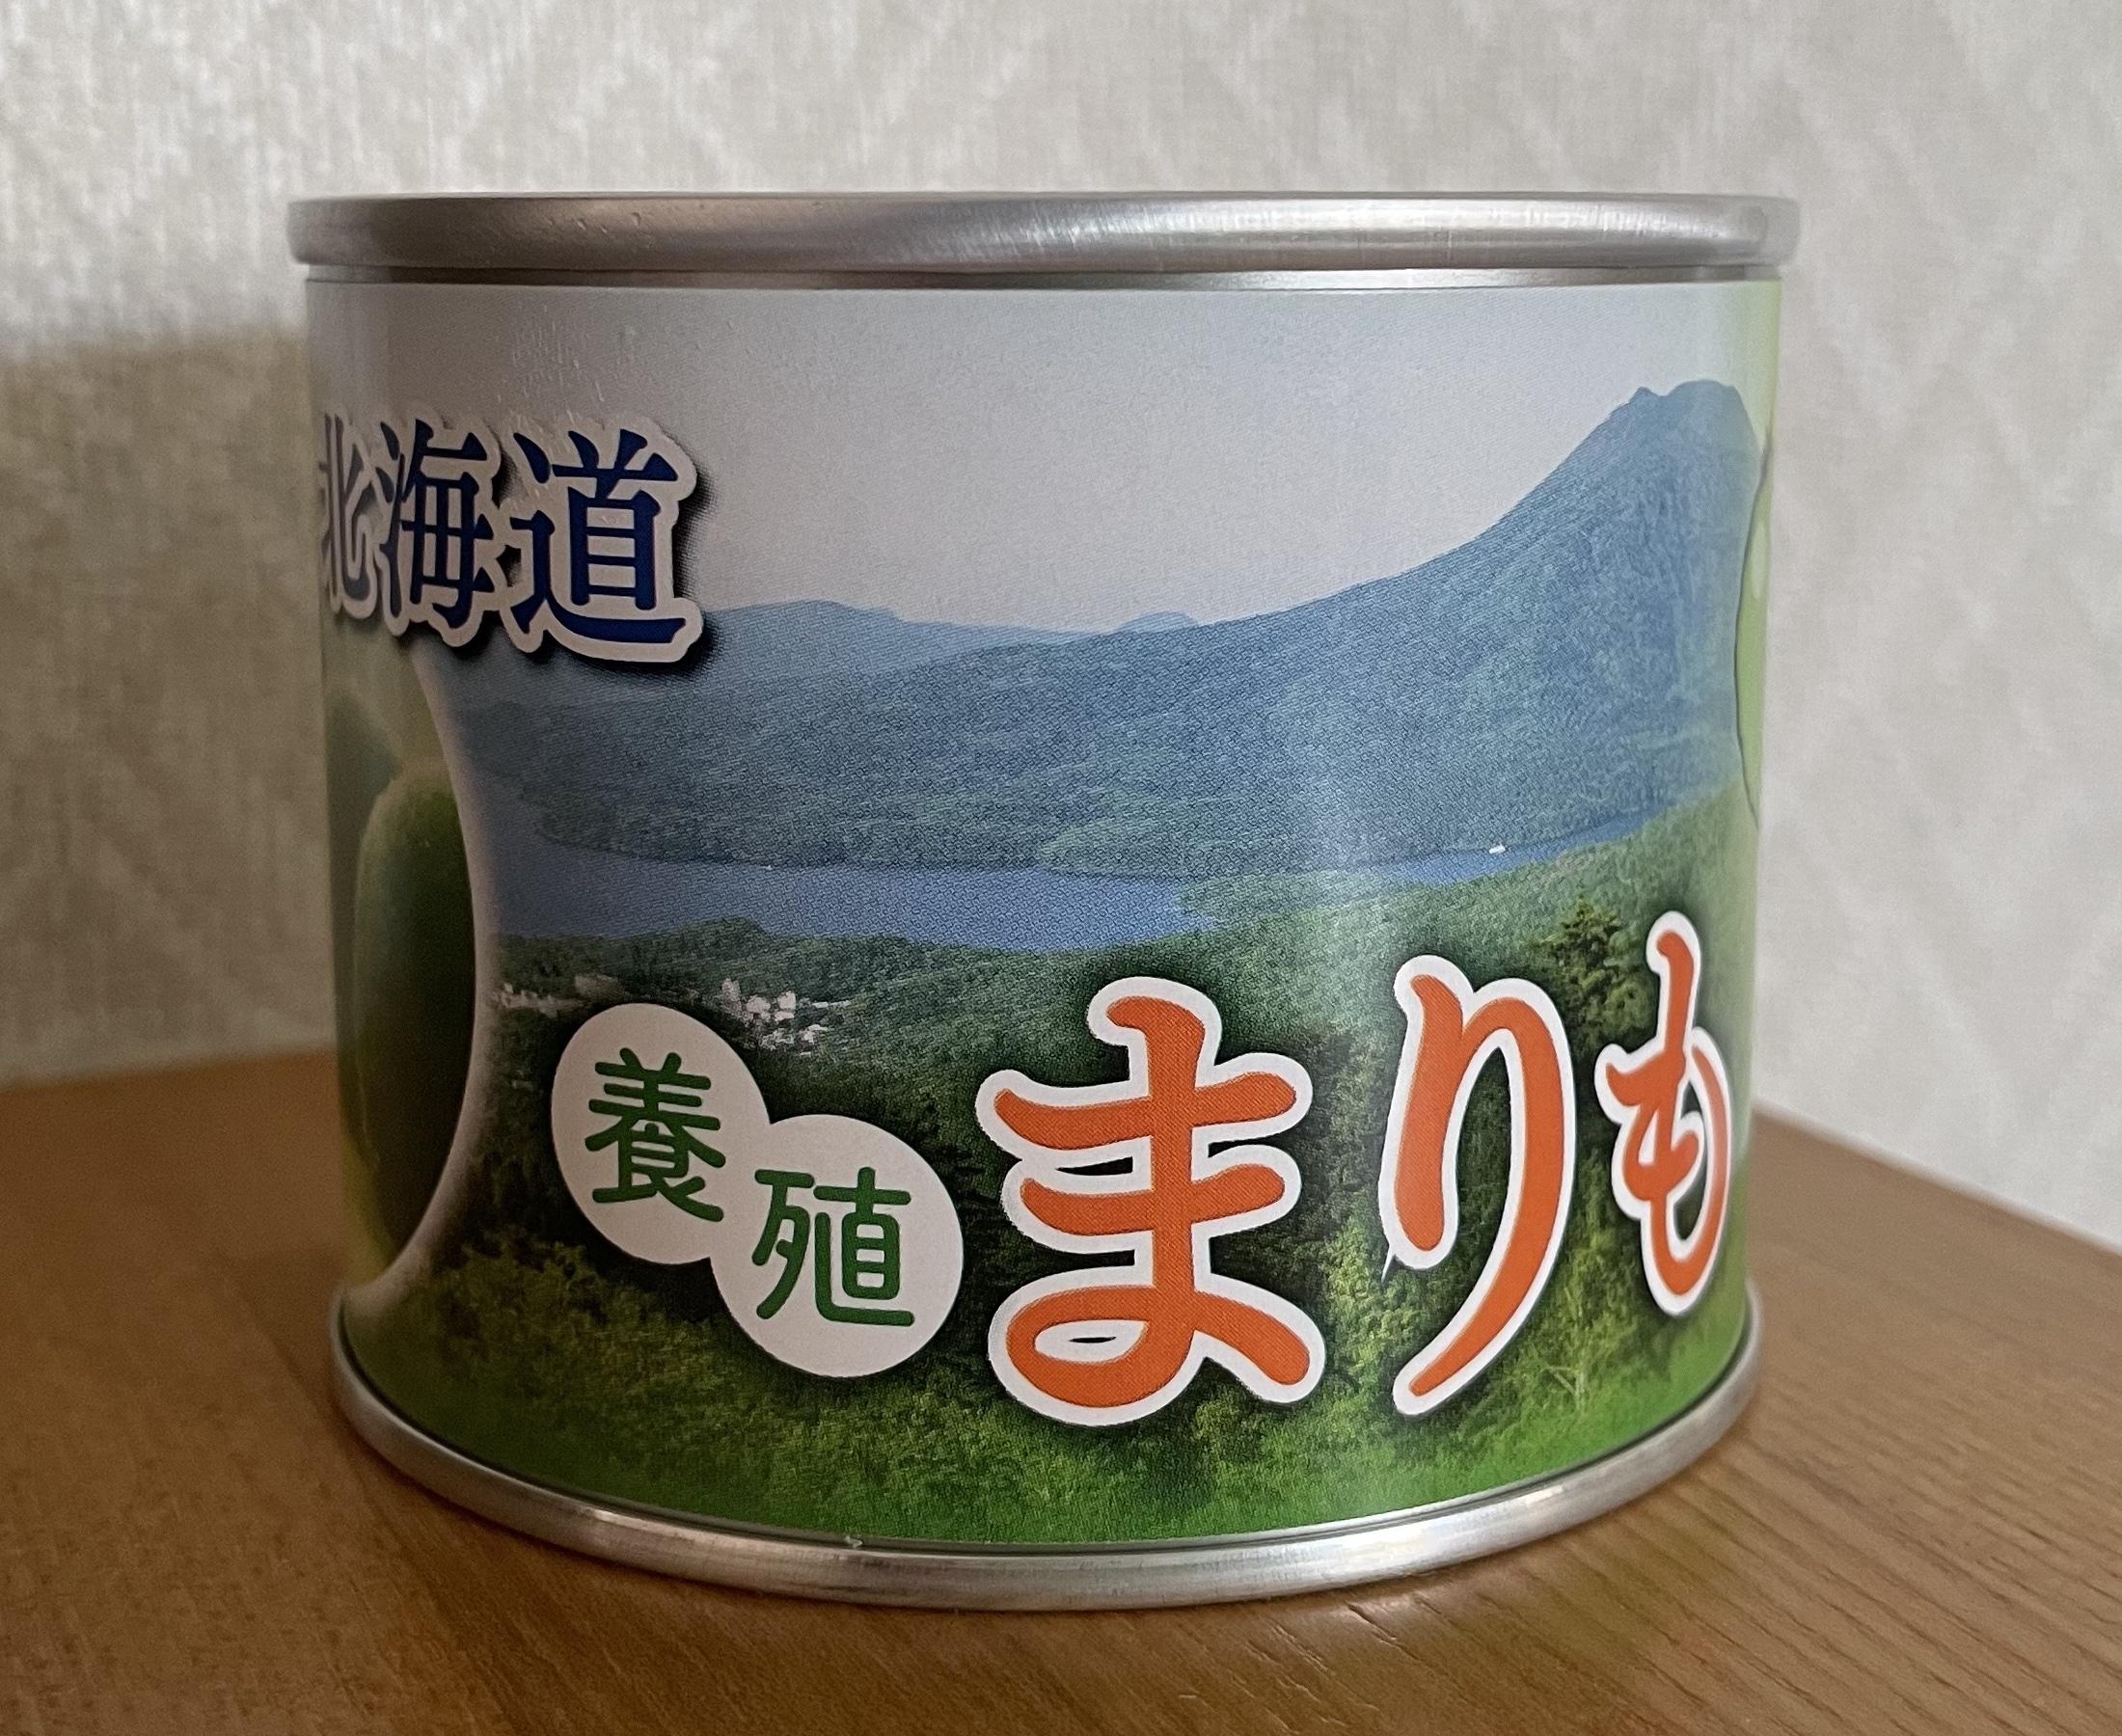 マリモグッズ「マリモの缶詰」